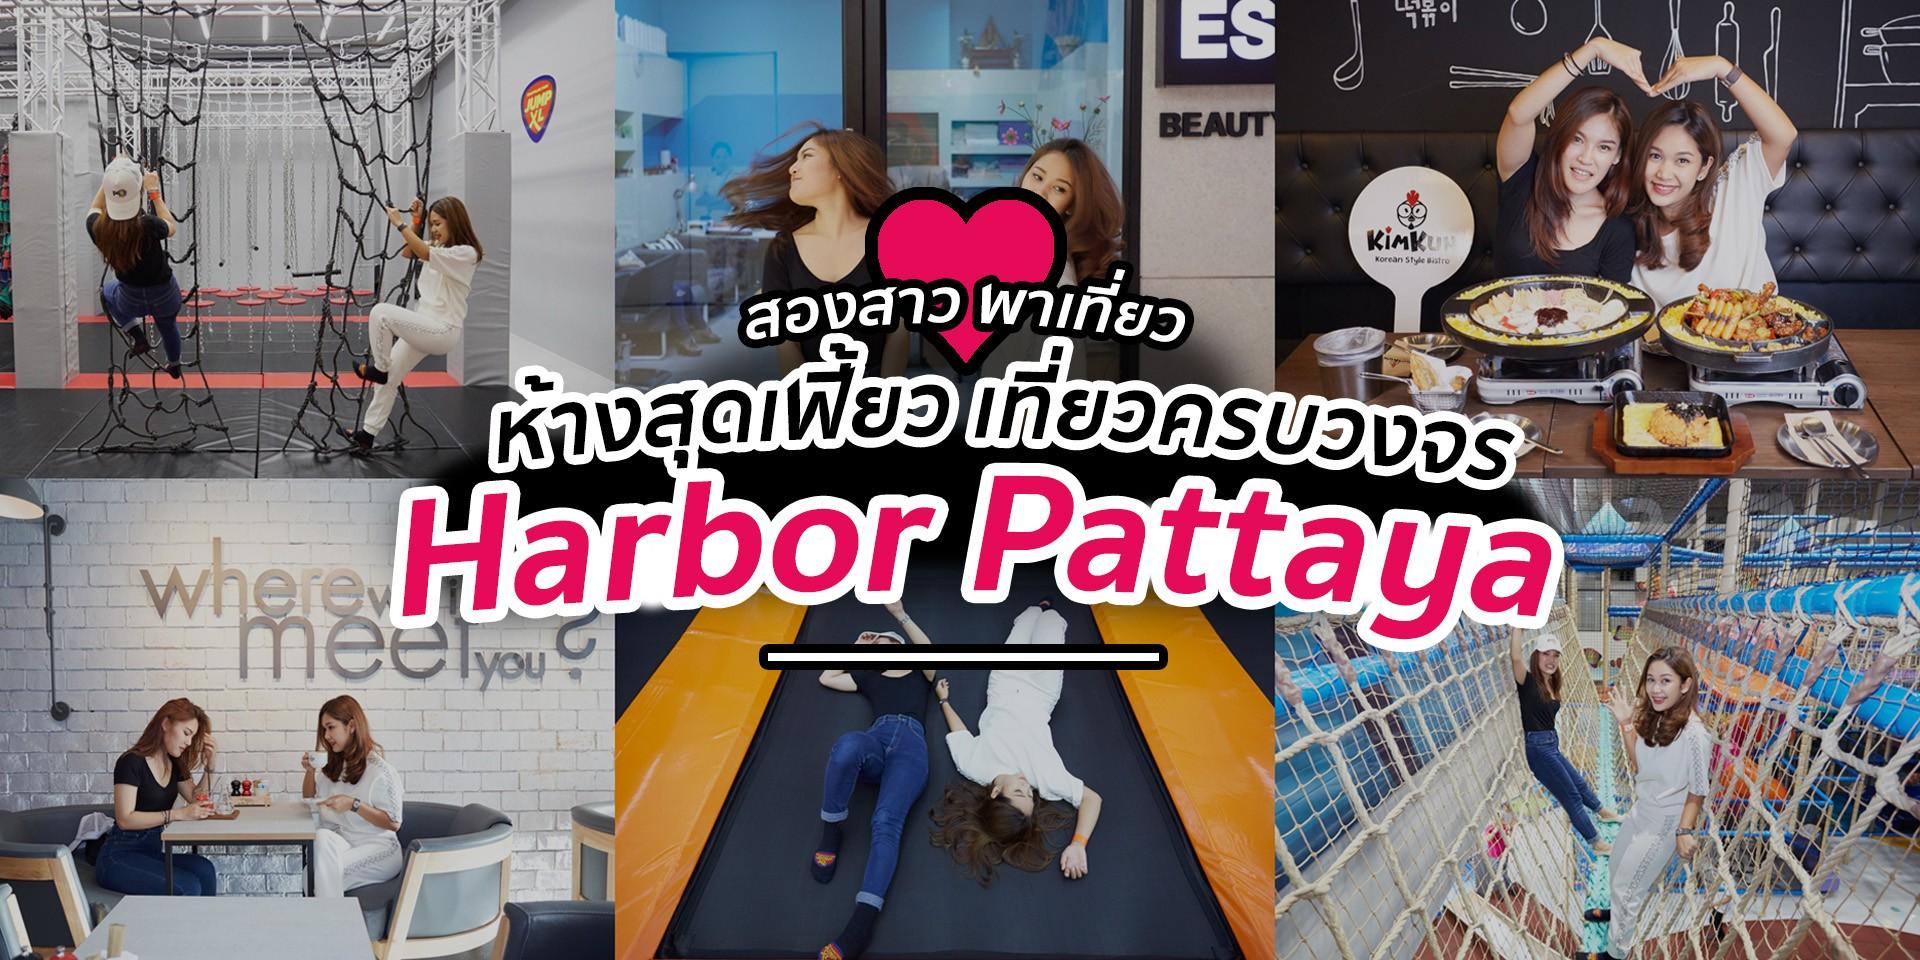 สองสาวพาเที่ยว ห้างสุดเฟี้ยวเที่ยวแบบครบวงจร ที่ Harbor Pattaya